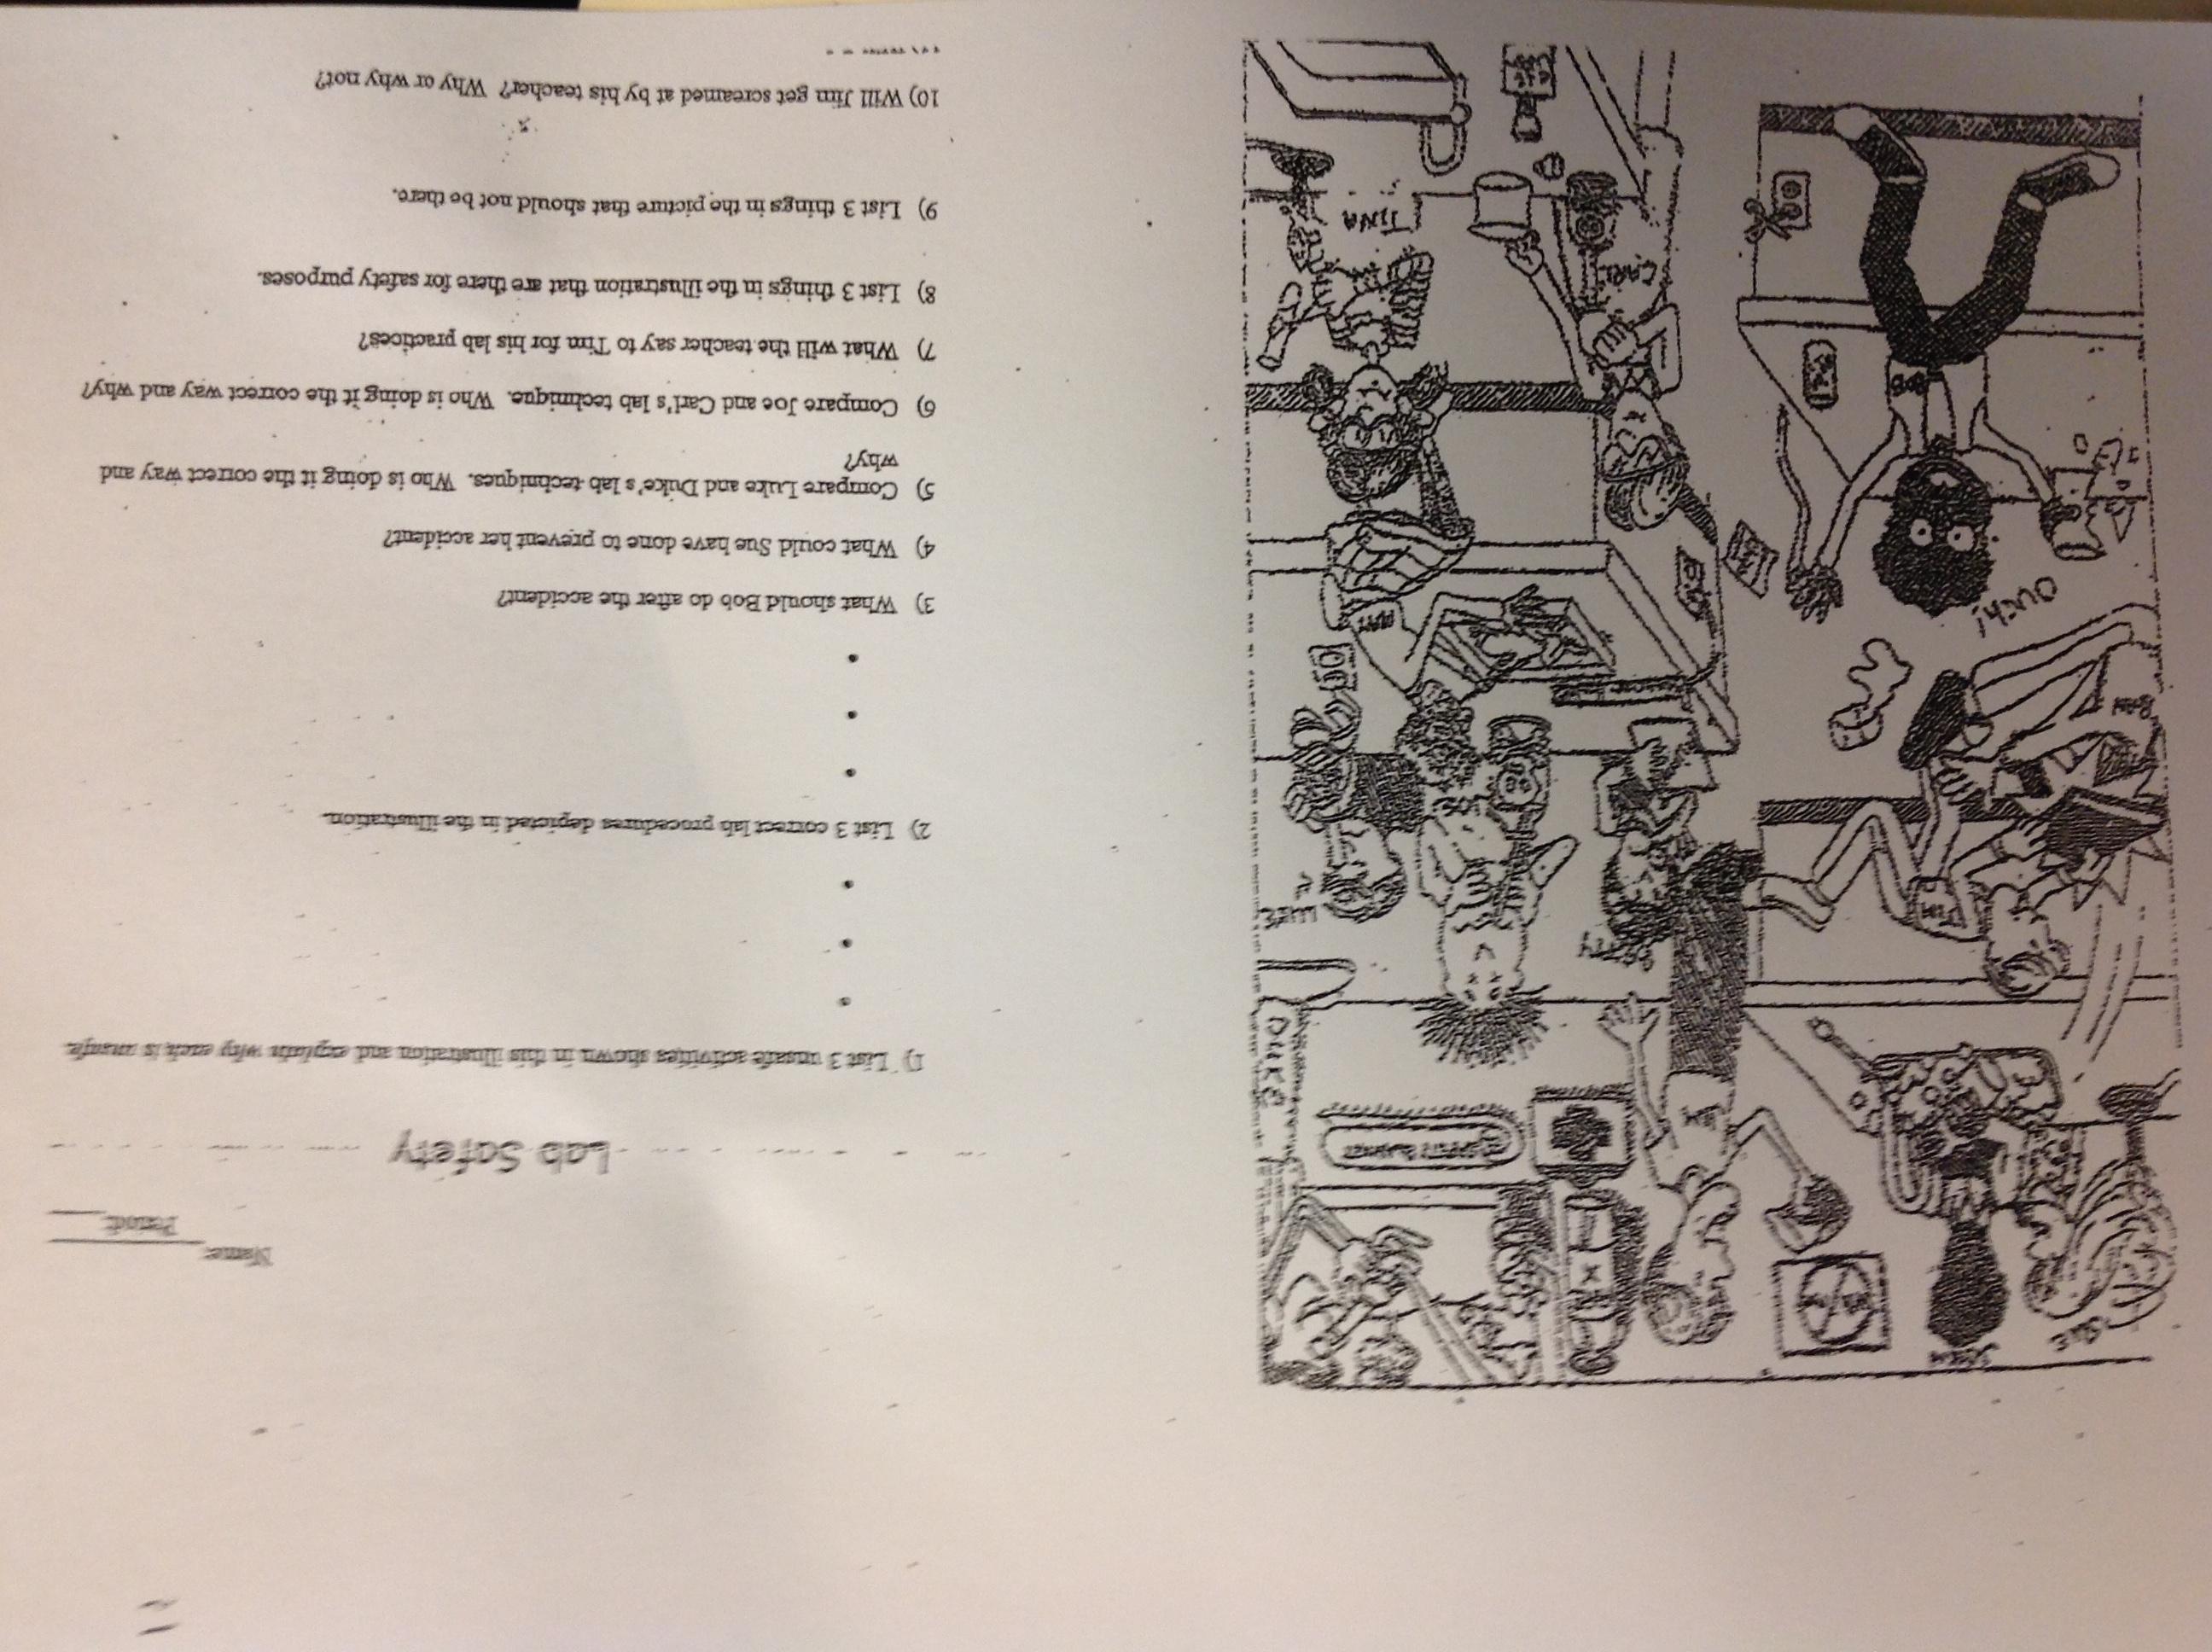 Lab Safety Cartoon Worksheet